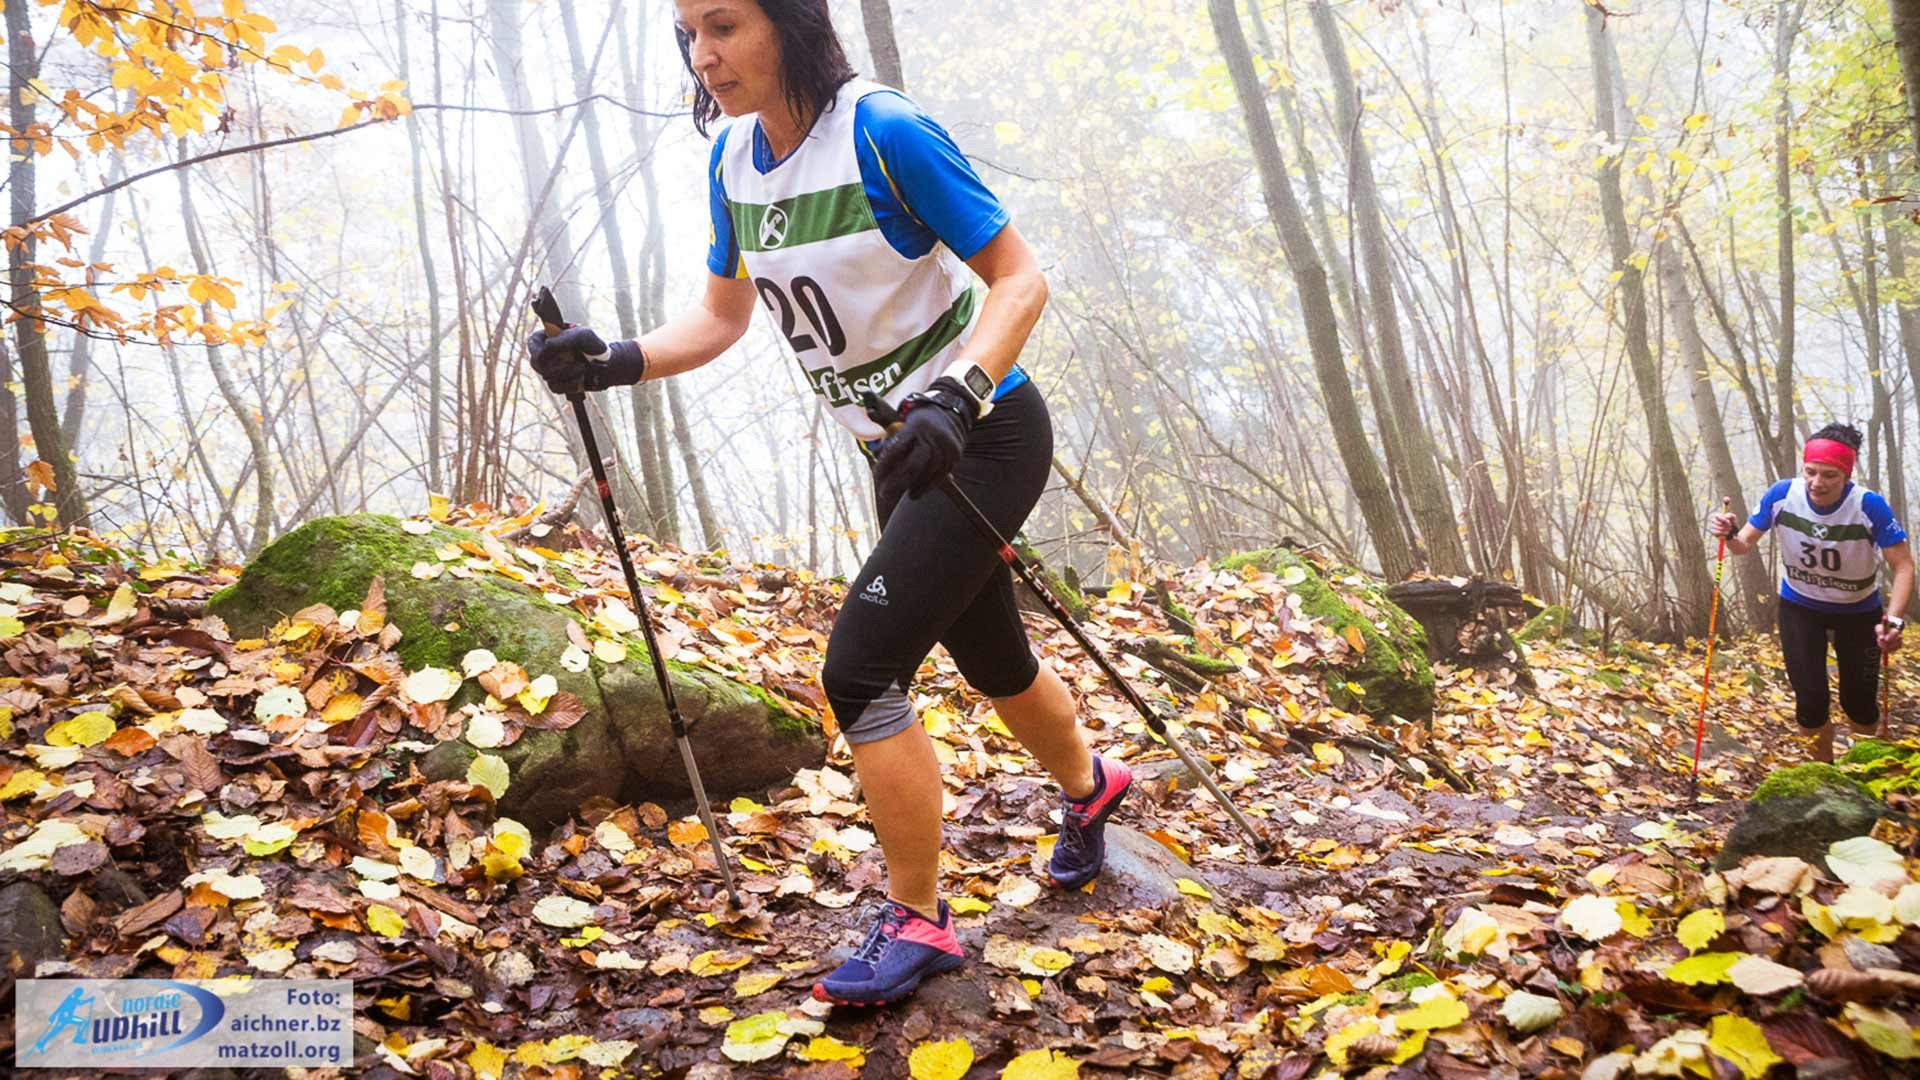 Nordic Uphill – Berglauf mit Stöcken